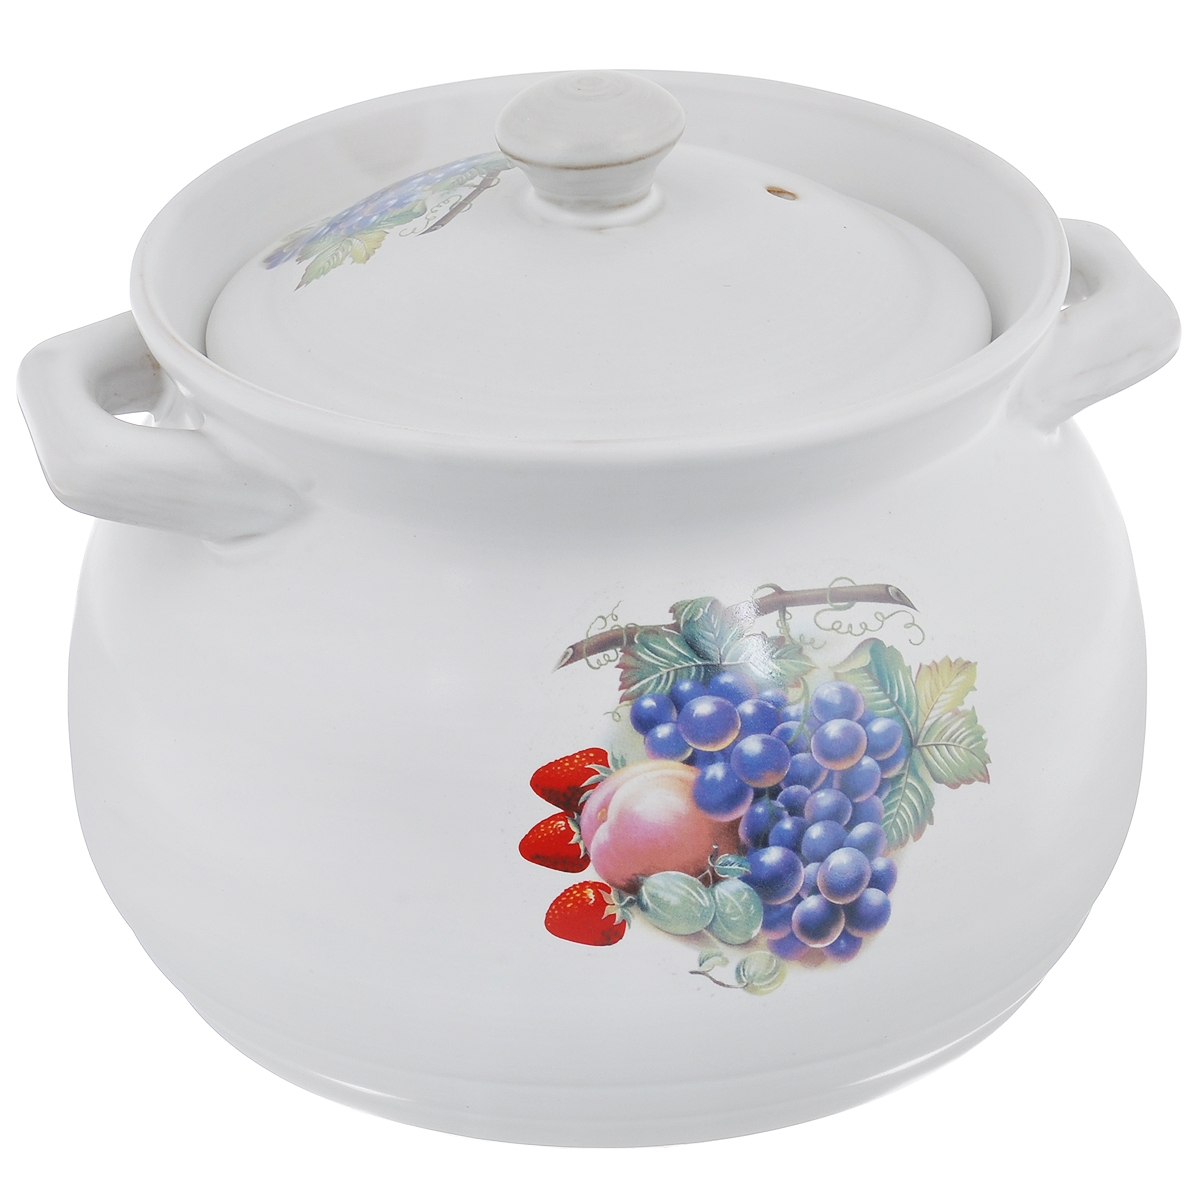 Кастрюля Bekker с крышкой, цвет: белый, 3,8 л. BK-732168/5/4Кастрюля Bekker изготовлена из жаропрочной керамики и декорирована изображением фруктов. При приготовлении в керамической посуде сохраняются питательные вещества и витамины. Керамика - прочный материал, который эффективно и быстро нагревается и удерживает тепло, медленно и равномерно его распределяя. Кроме того, керамика термостойка: она выдерживает температуру от - 30°С до 230°С. Кастрюля оснащена удобными ручками. Крышка изготовлена из керамики и оснащена отверстием для выхода пара. Она плотно прилегает к краю кастрюли, сохраняя аромат блюд. Можно использовать на газовой, электрической, керамической плитах и в духовом шкафу. Рекомендована ручная чистка.Высота стенки кастрюли: 16,2 см.Толщина стенки кастрюли: 5 мм.Толщина дна кастрюли: 4 мм.Ширина кастрюли с учетом ручек: 23 см.Диаметр дна кастрюли: 18,5 см.